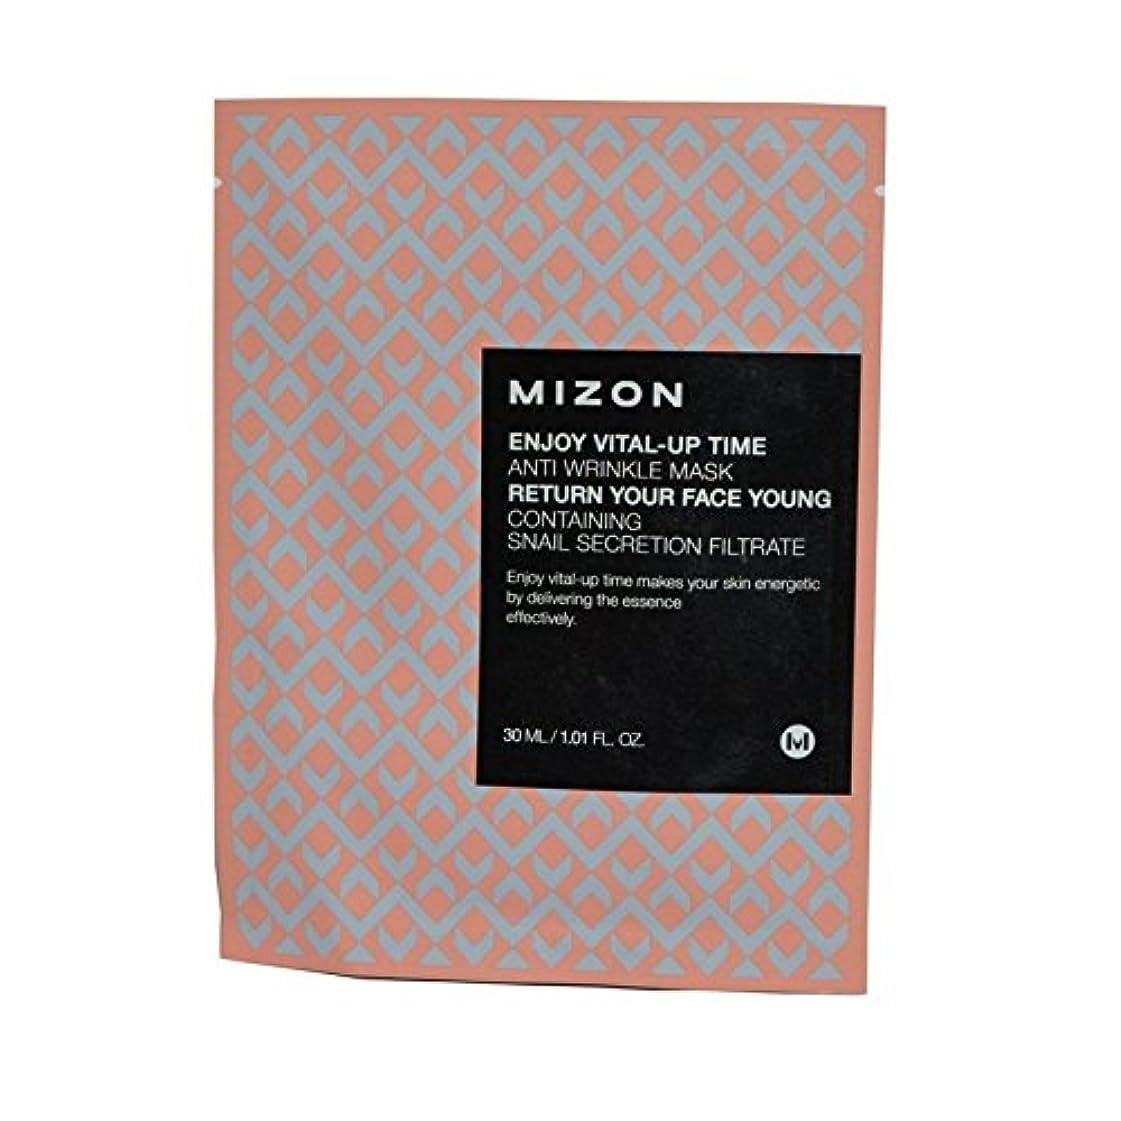 仲介者有彩色の操るMizon Enjoy Vital Up Time Anti-Wrinkle Mask - が不可欠アップ時間抗しわマスクを楽しみます [並行輸入品]